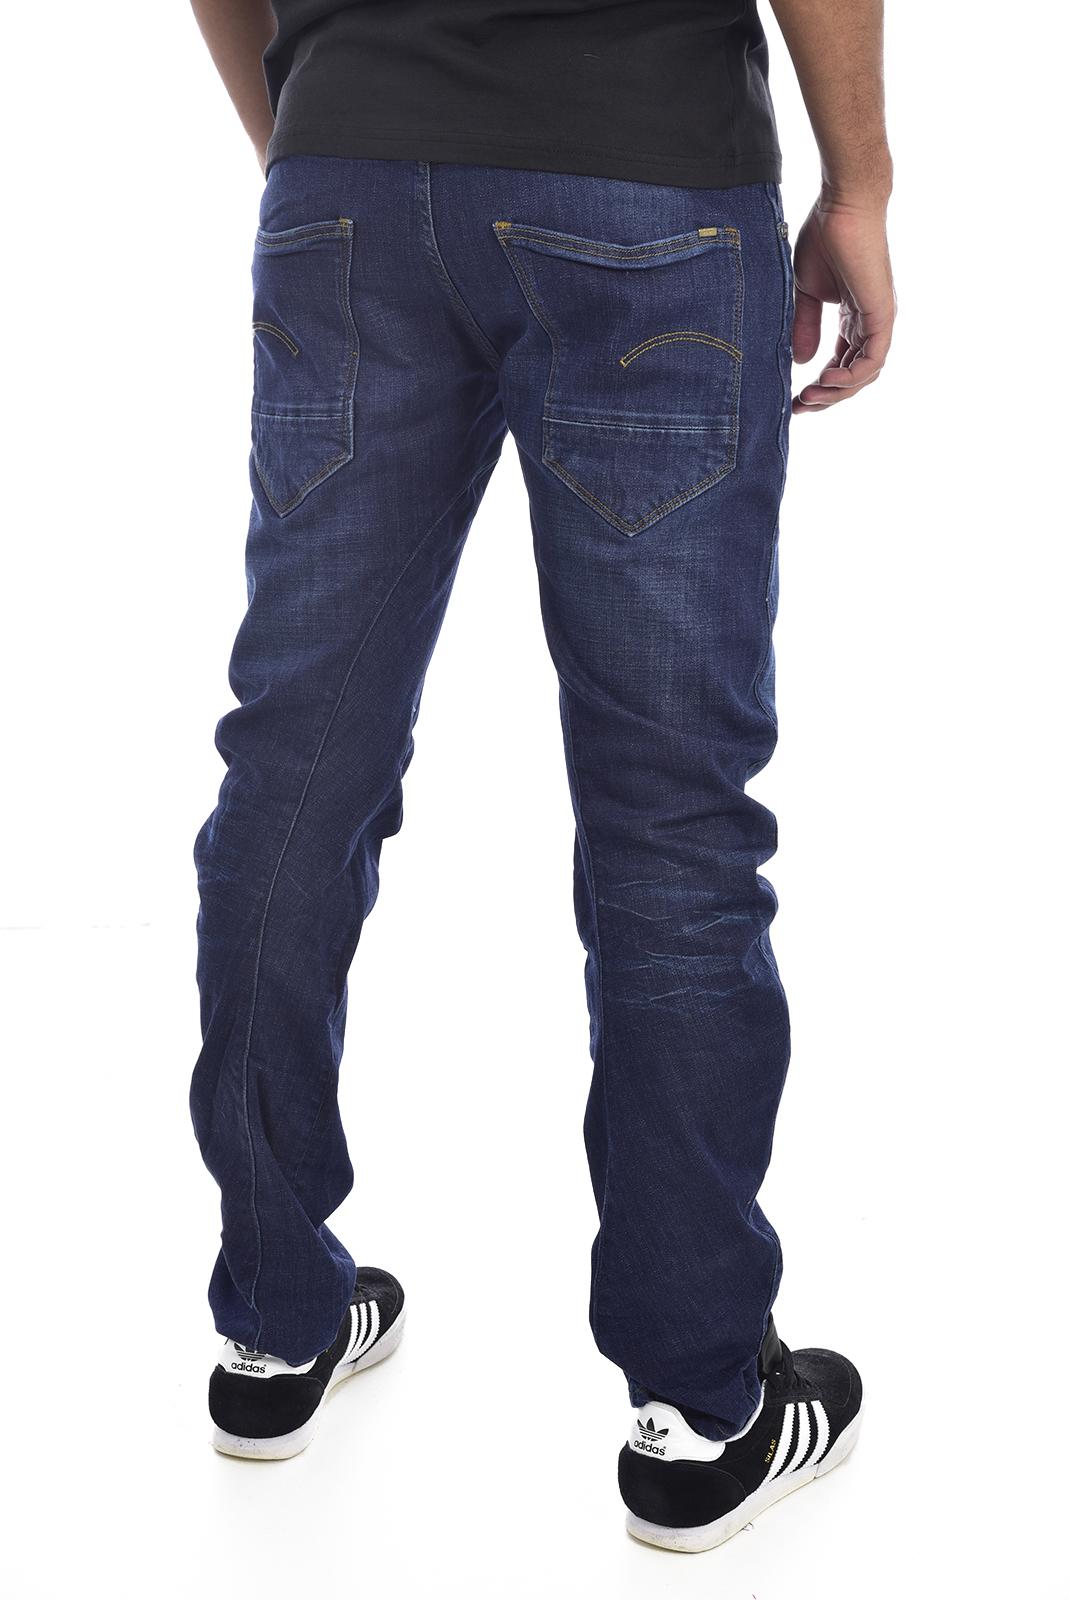 Jeans  G-star 51030-D002-89 arc bleu